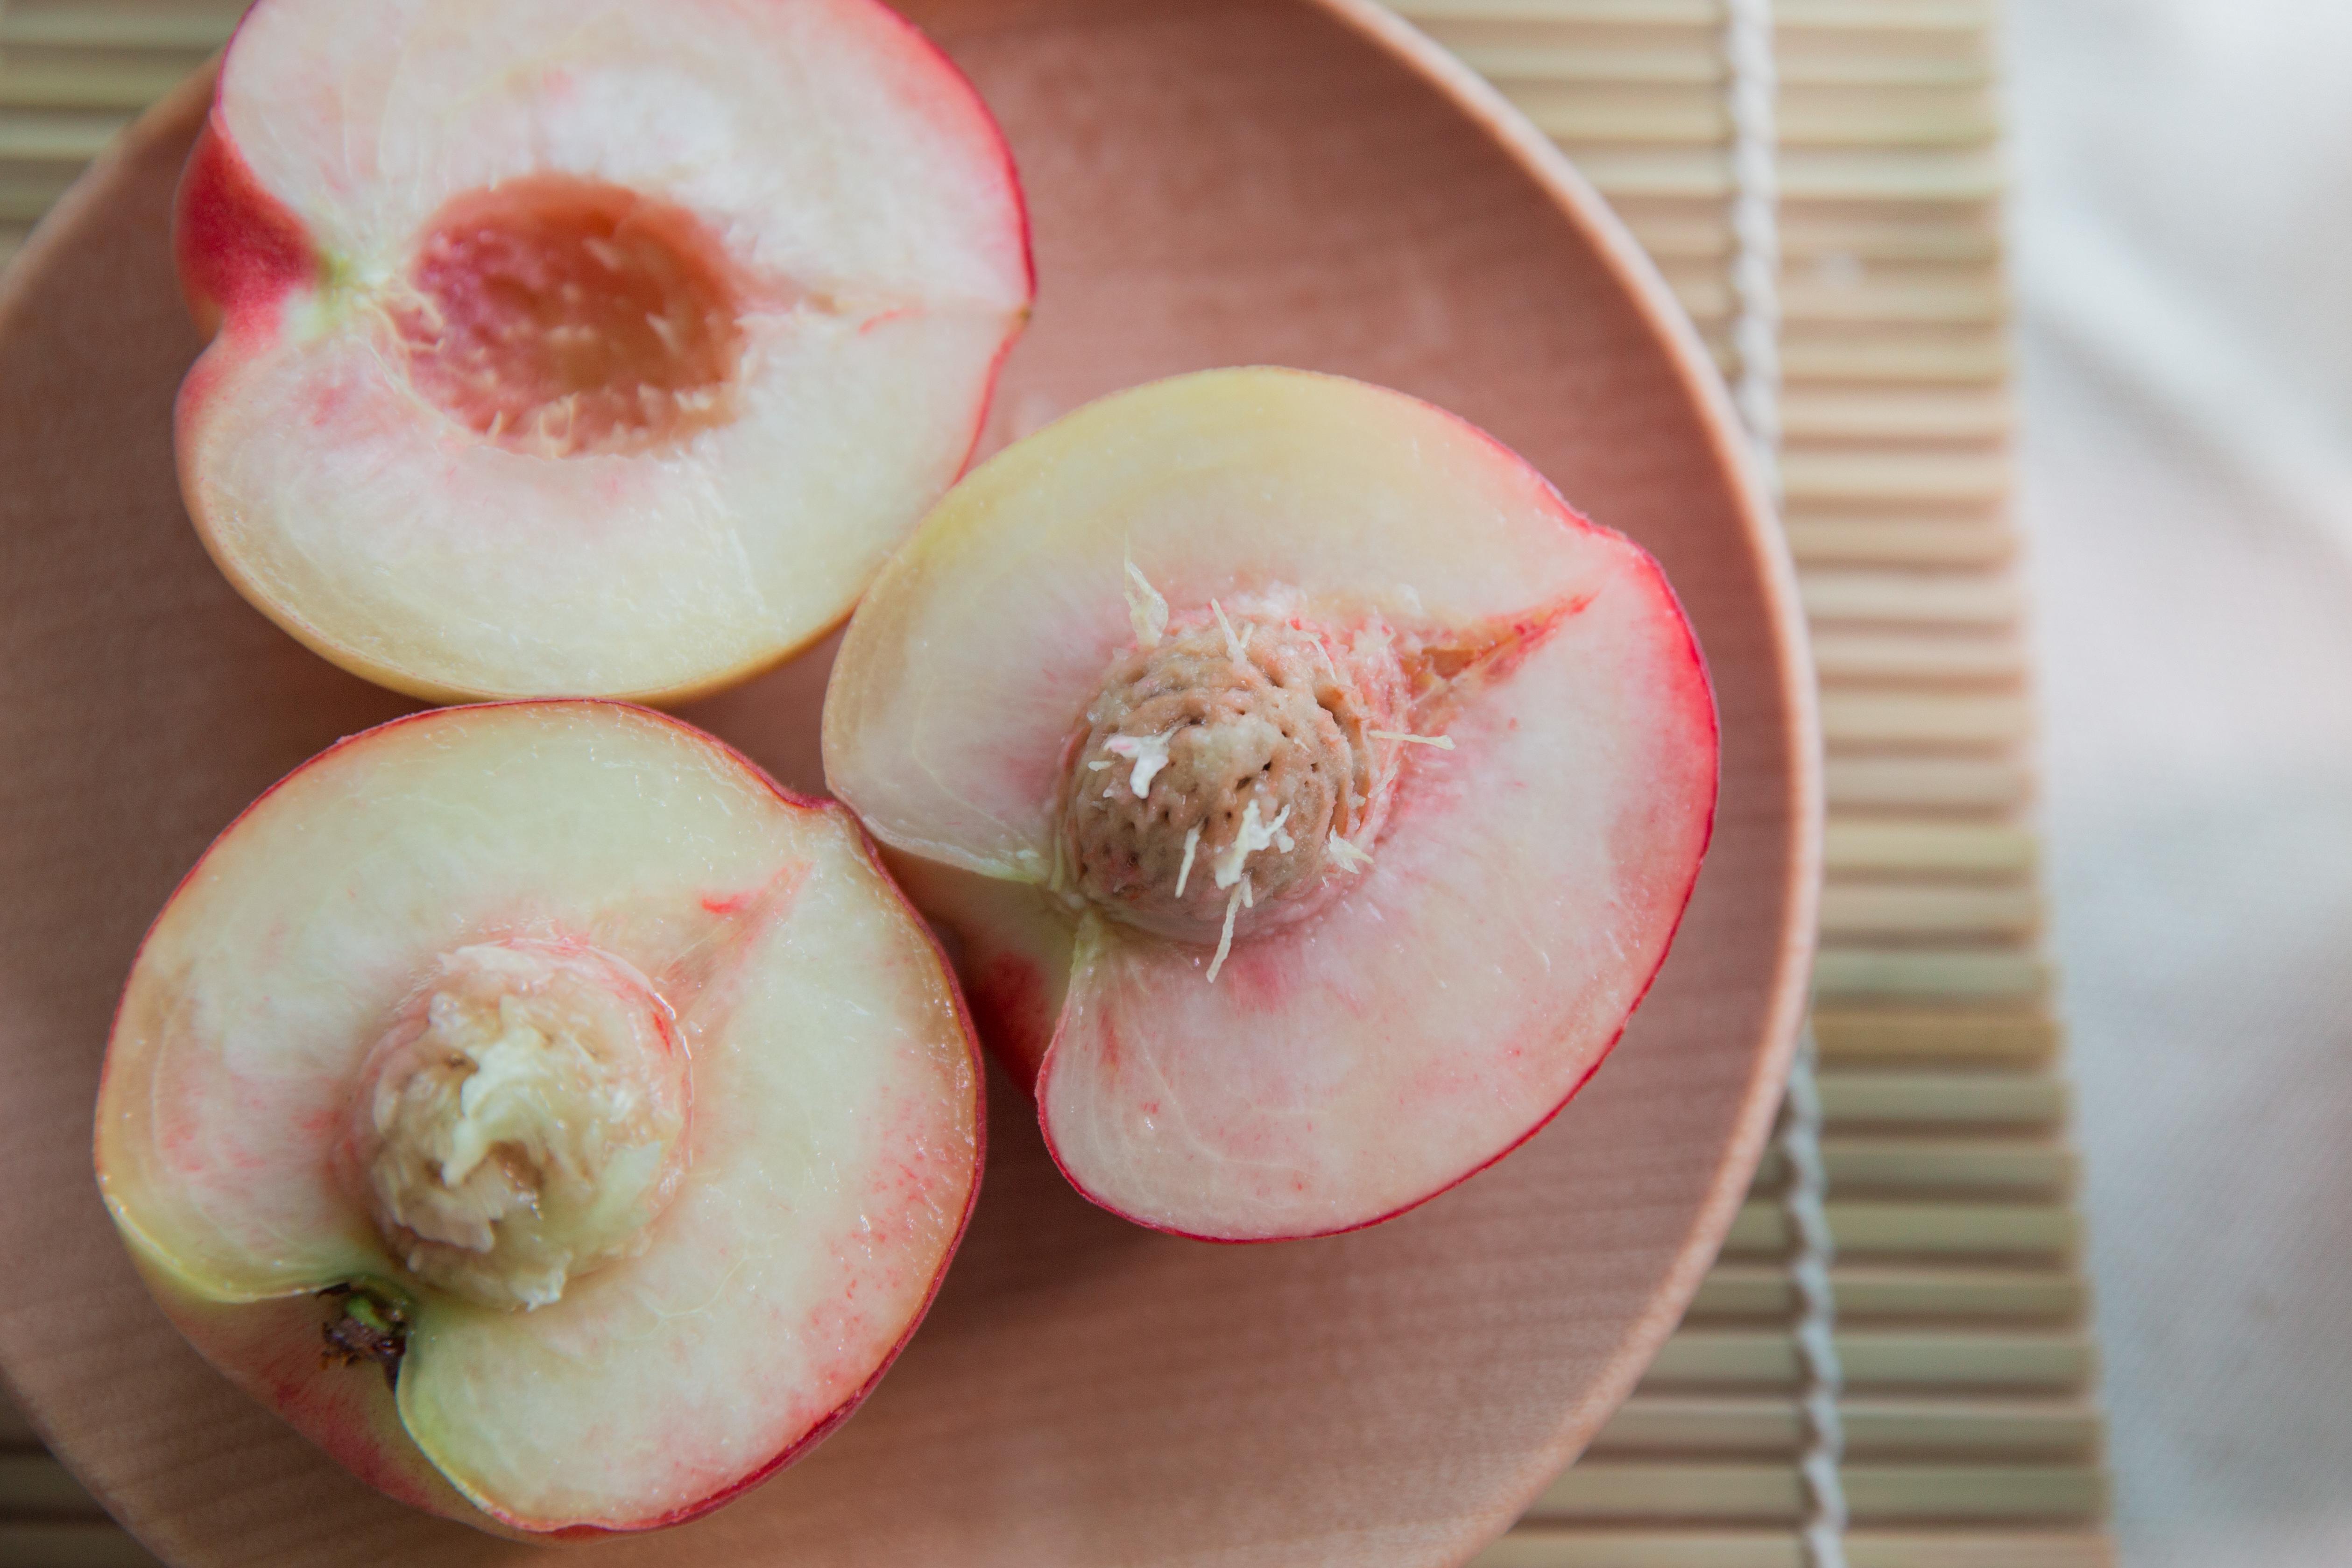 水蜜桃百百種,這樣選最好吃!一篇帶你看桃子品種大解析